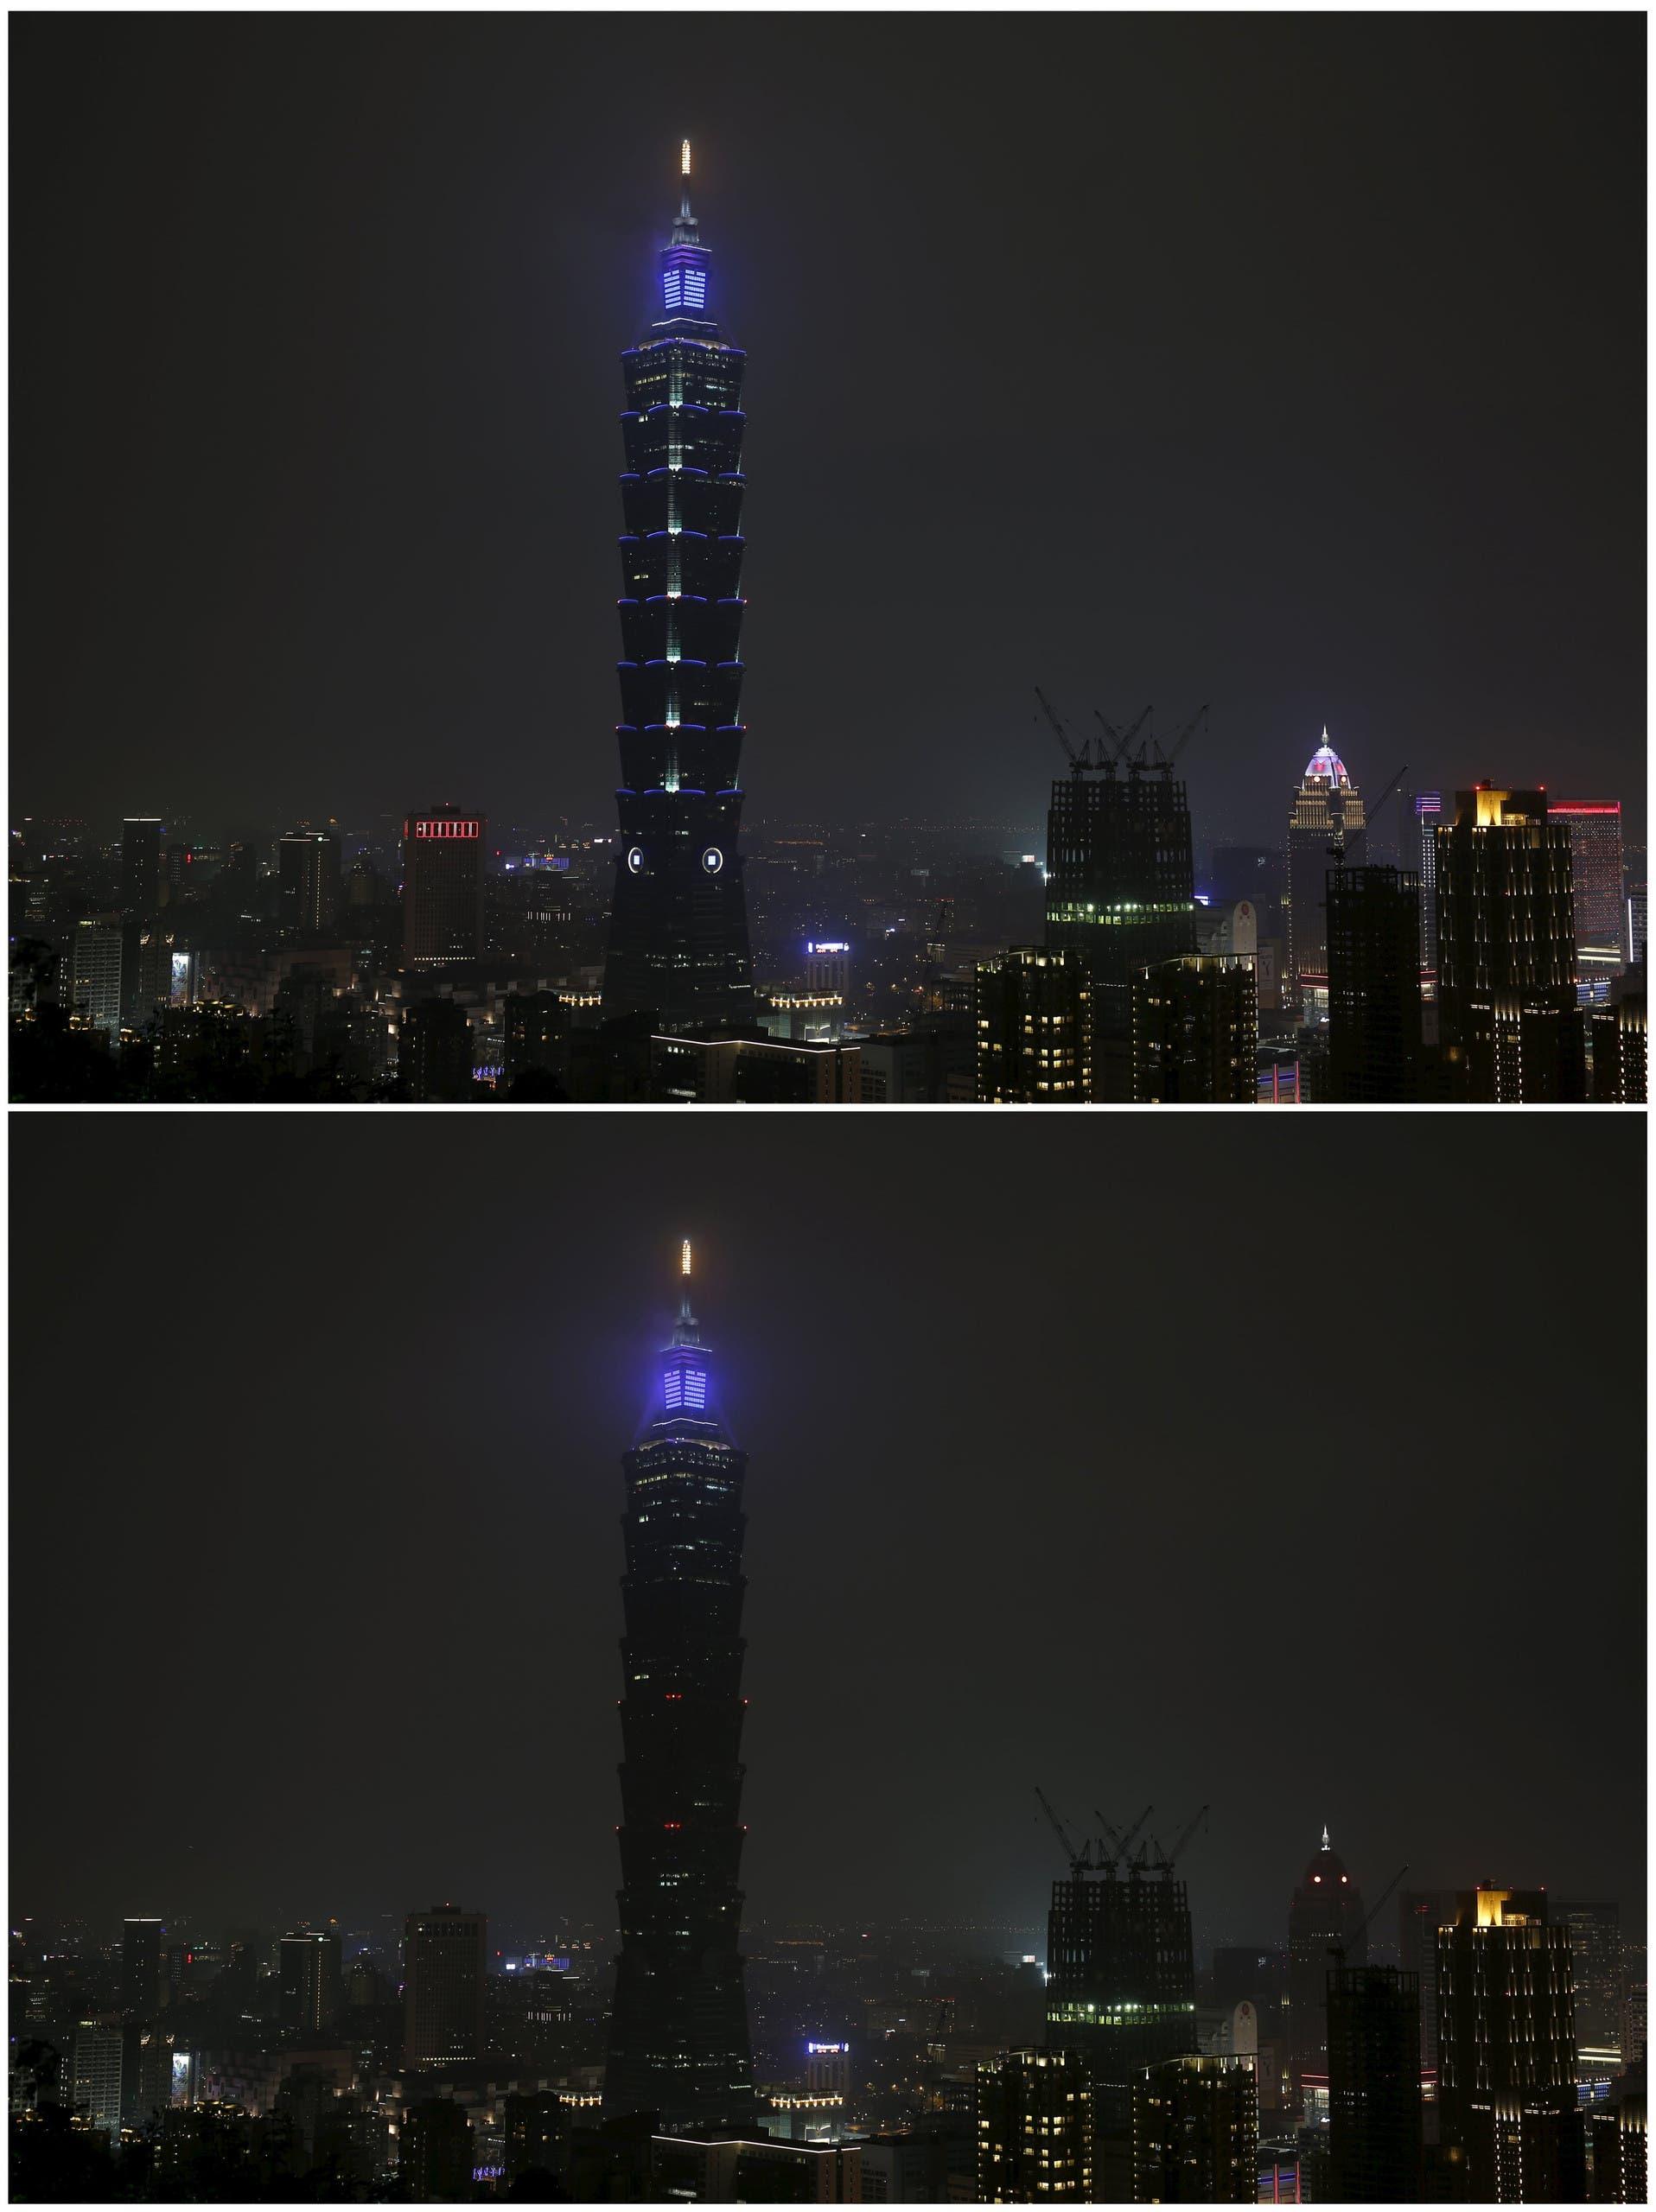 ساعة الأرض في تايوان